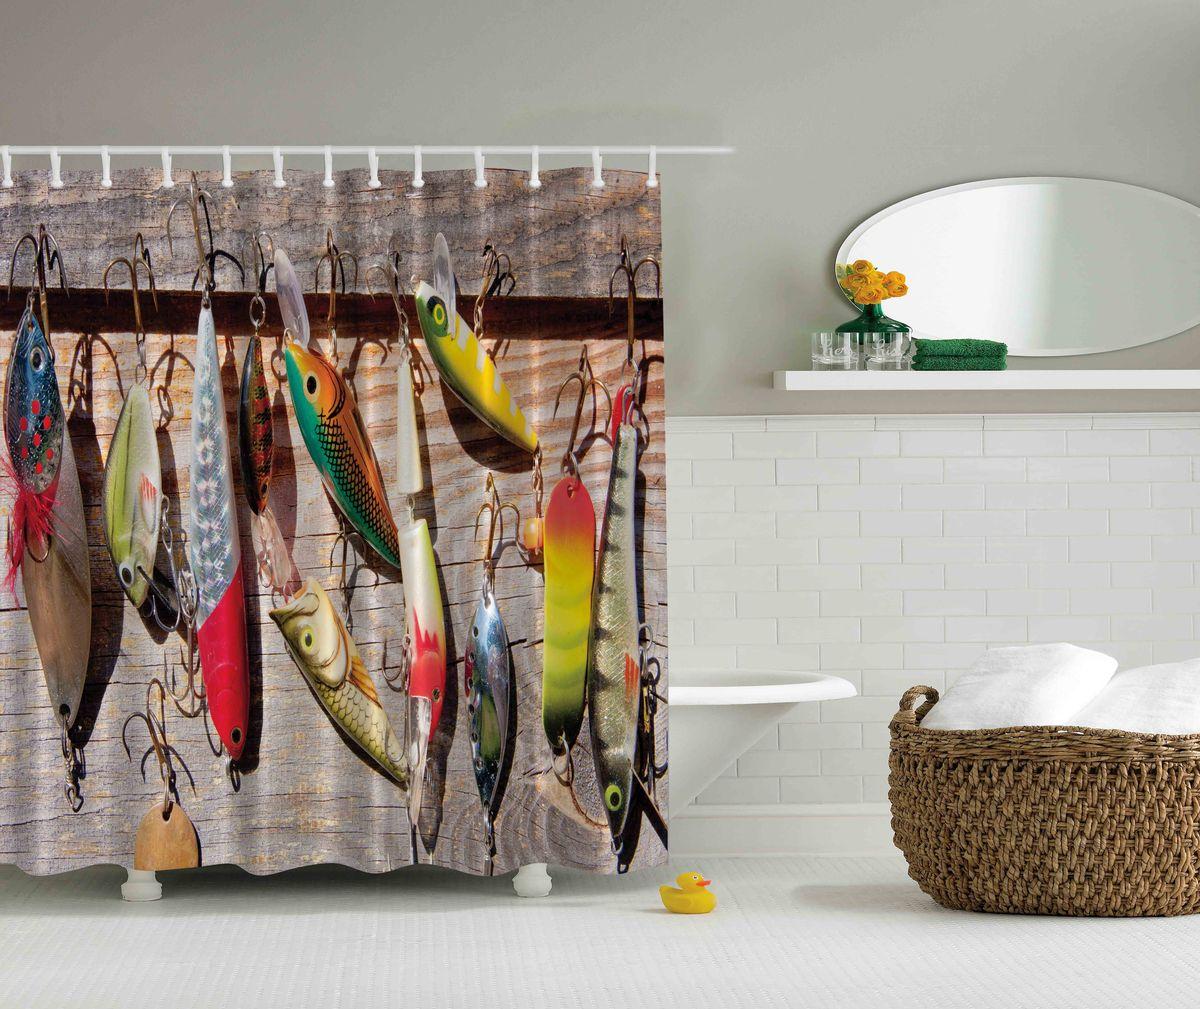 Штора для ванной комнаты Magic Lady Разноцветные блесны, 180 х 200 смшв_4643Штора Magic Lady Разноцветные блесны, изготовленная из высококачественного сатена (полиэстер 100%), отлично дополнит любой интерьер ванной комнаты. При изготовлении используются специальные гипоаллергенные чернила для прямой печати по ткани, безопасные для человека. В комплекте: 1 штора, 12 крючков. Обращаем ваше внимание, фактический цвет изделия может незначительно отличаться от представленного на фото.